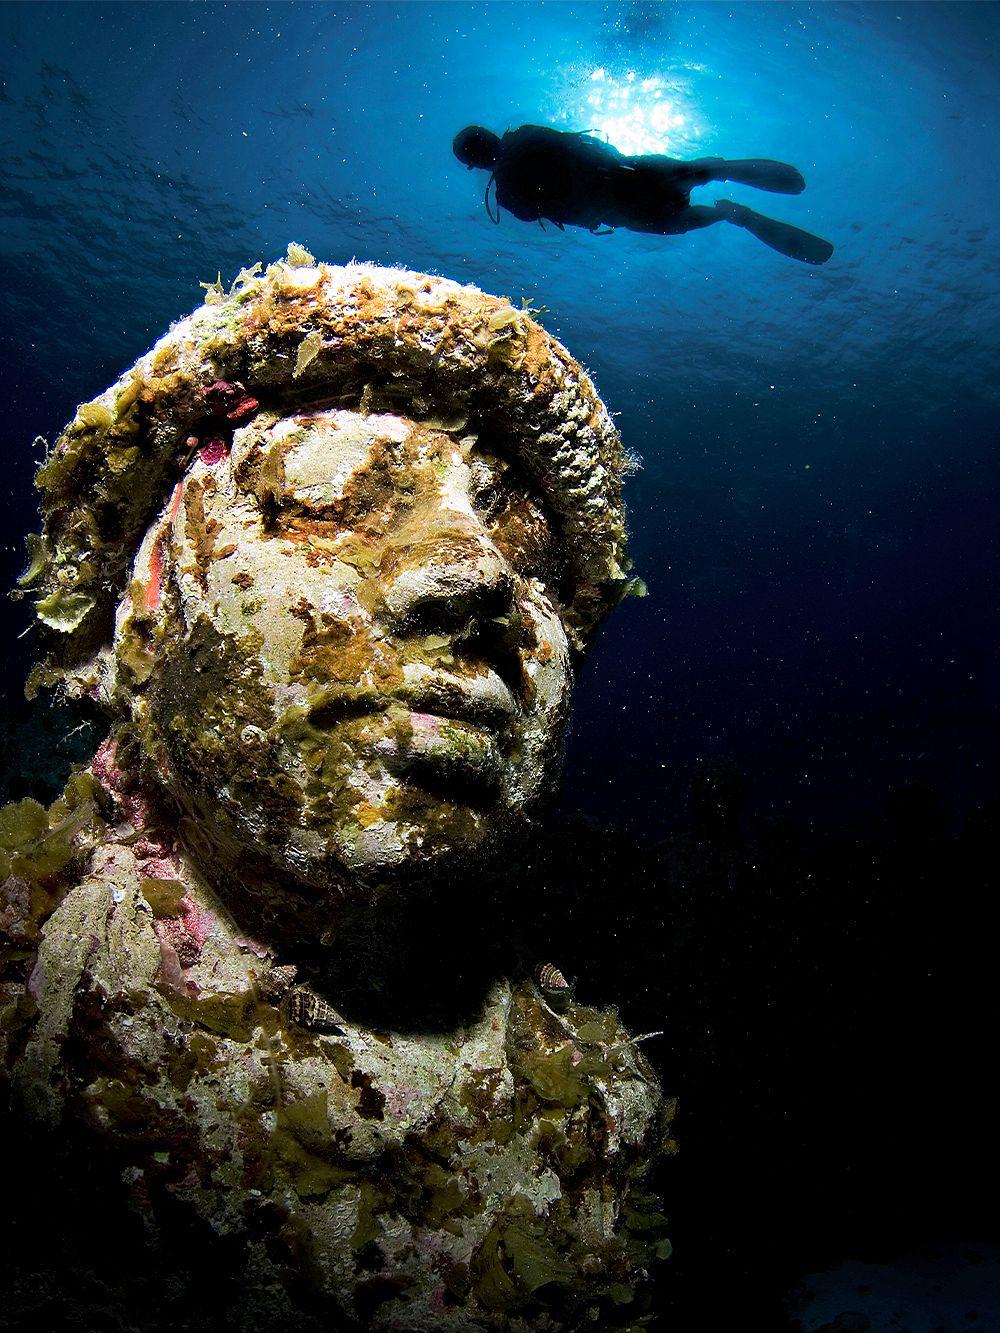 MUSA eli Museo Subacuático de Arte